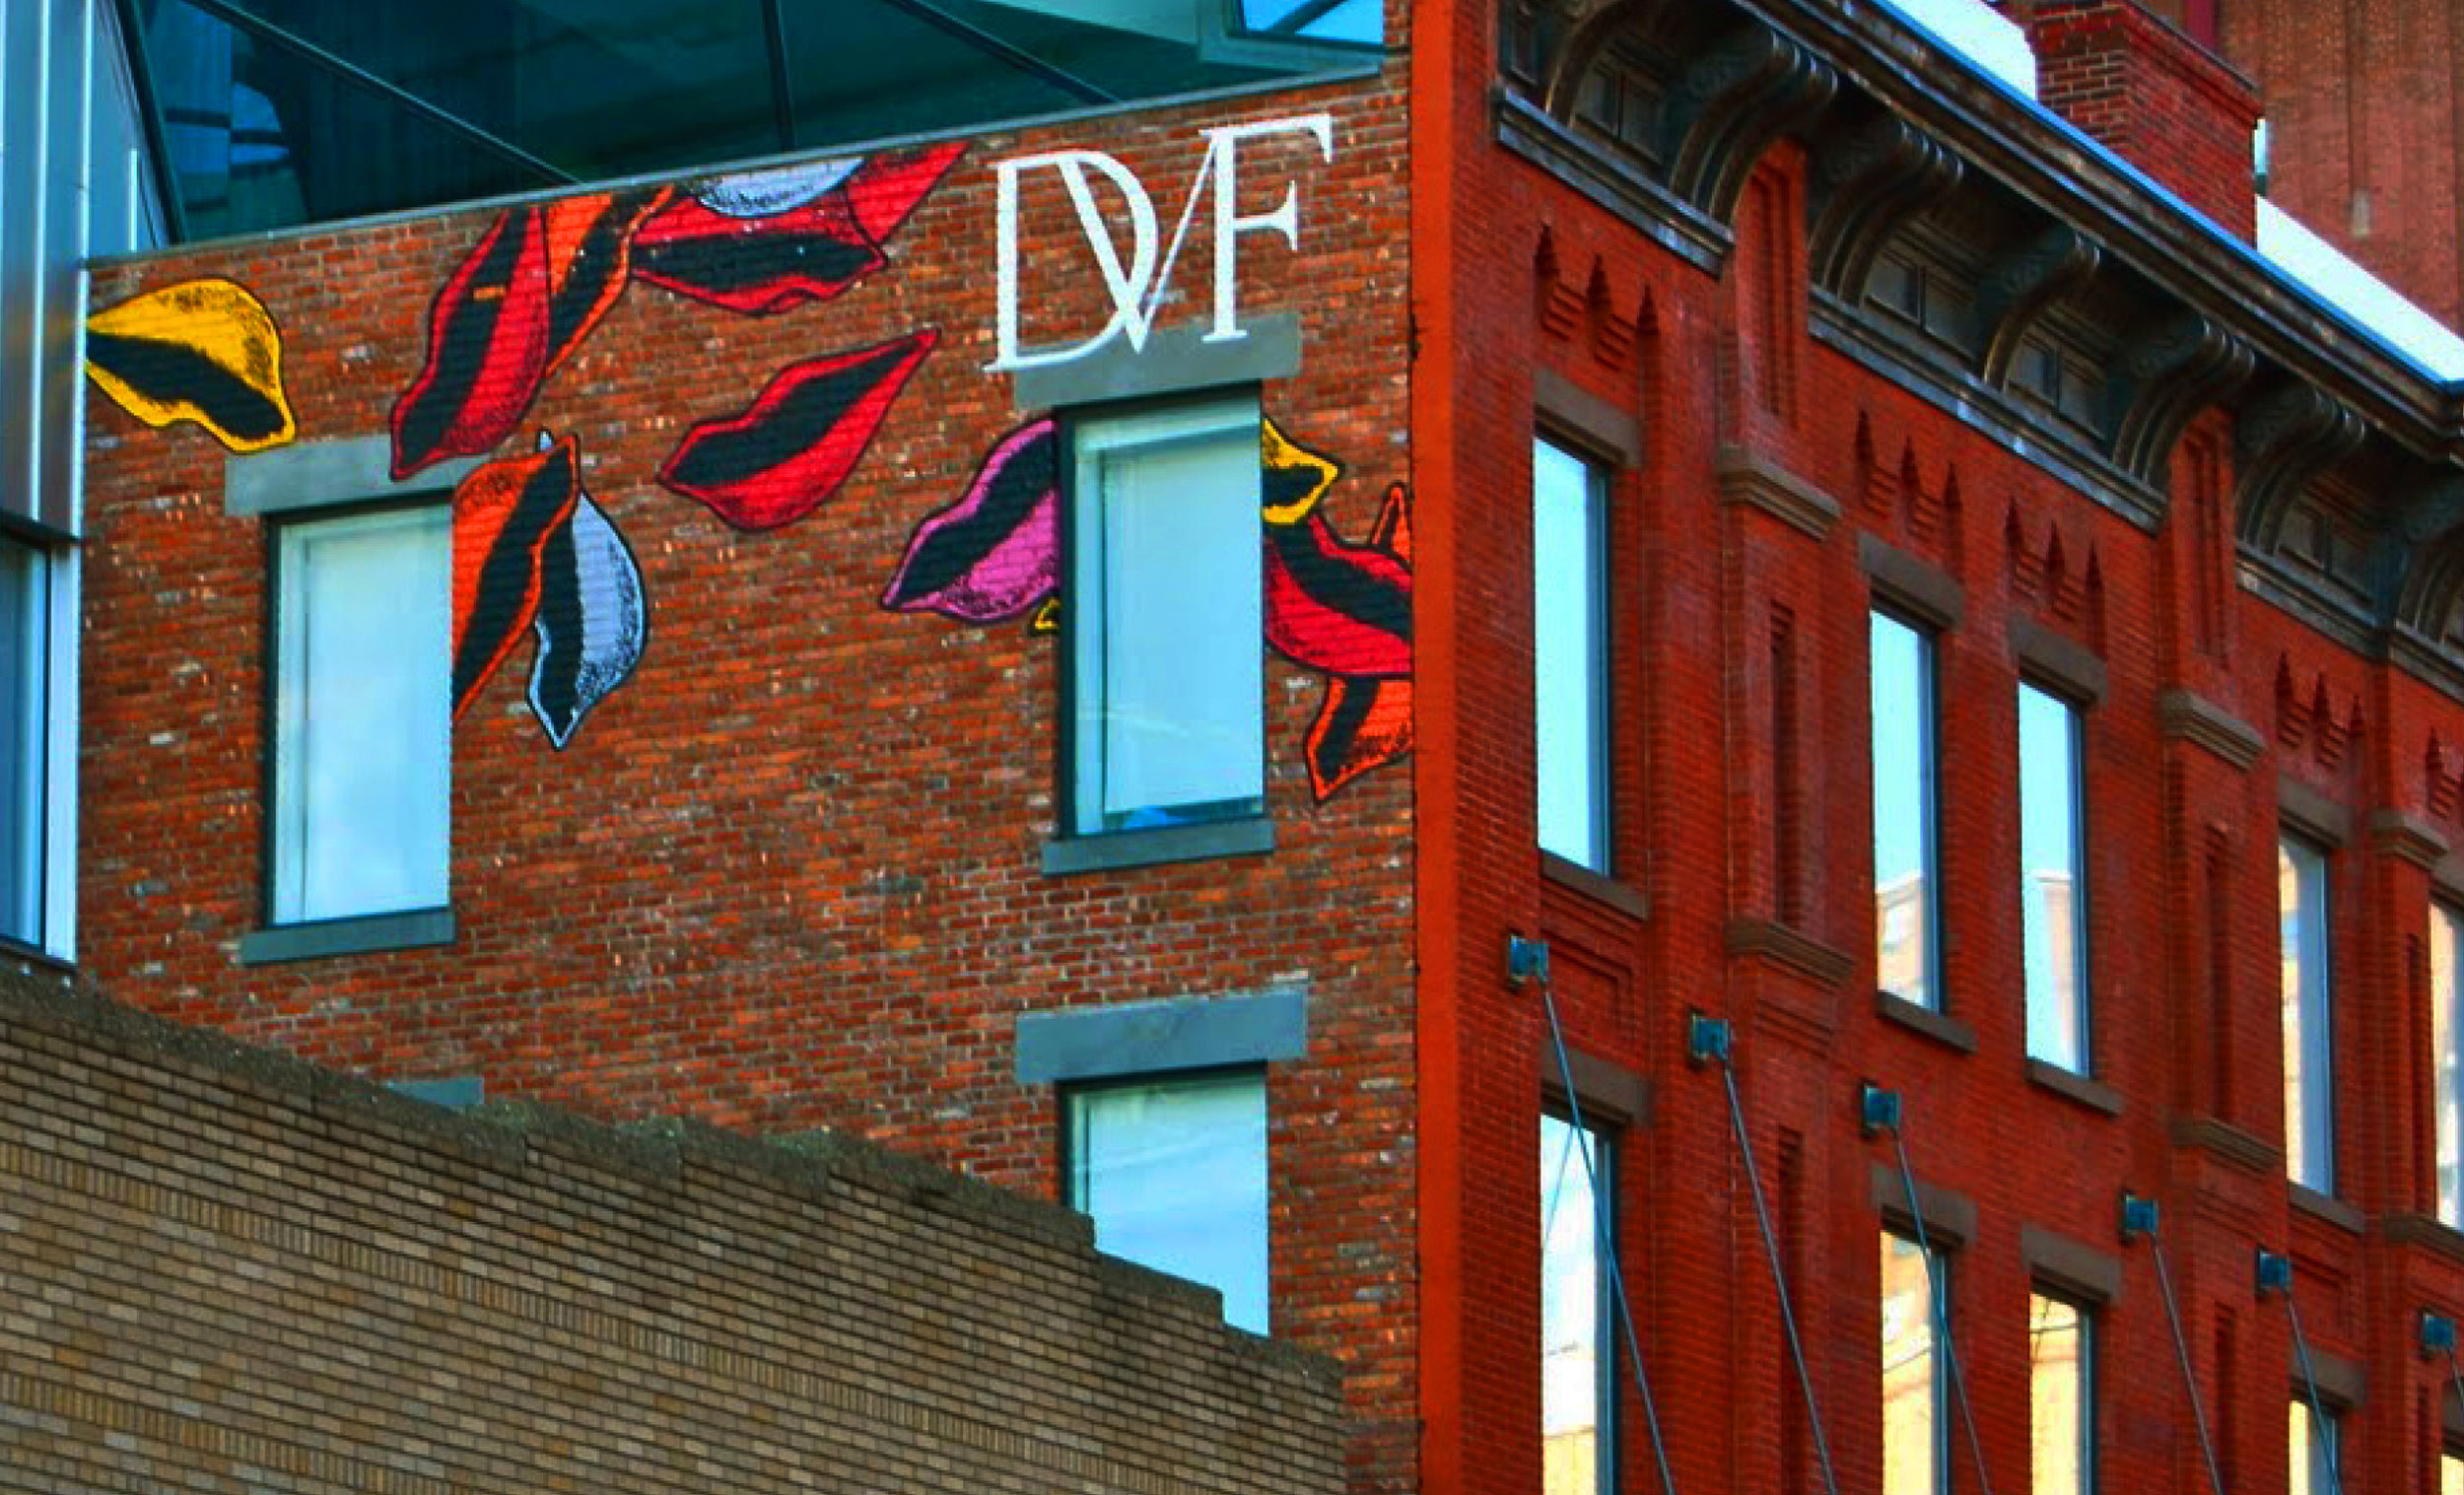 RGOGEL-DVF-Mural.jpg